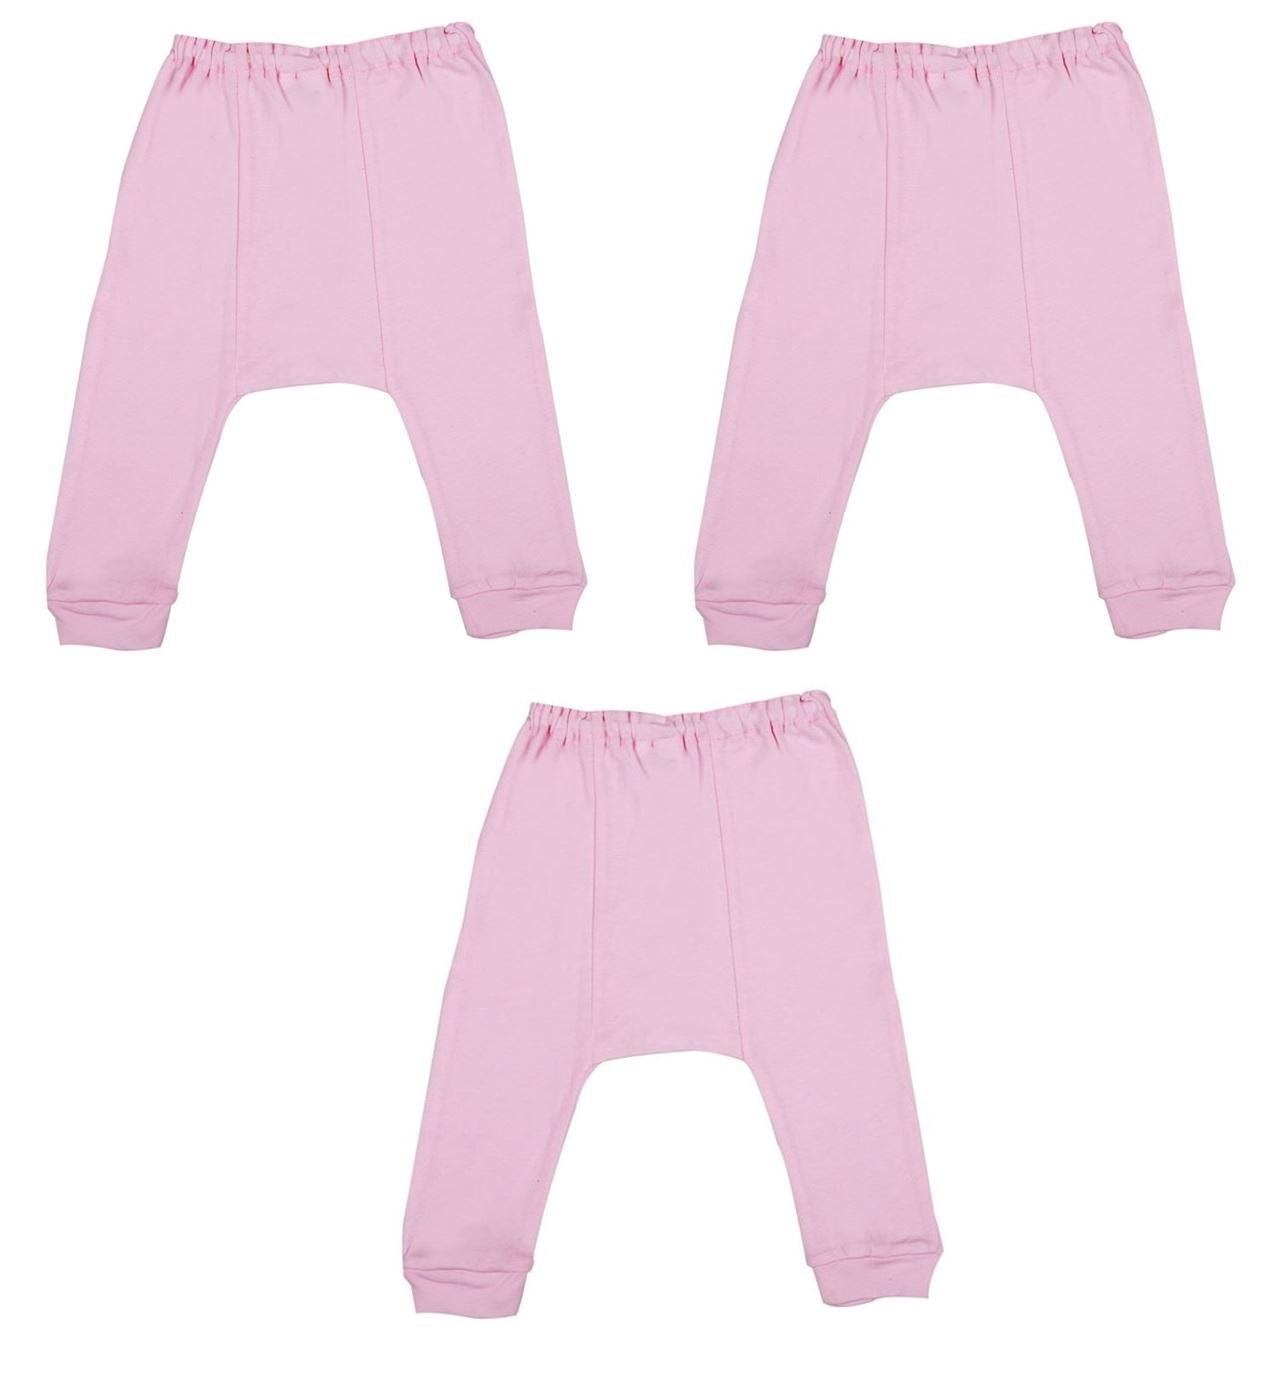 Bộ 3 quần lửng đóng bỉm ILUMINO Size 70 (Hồng sen)